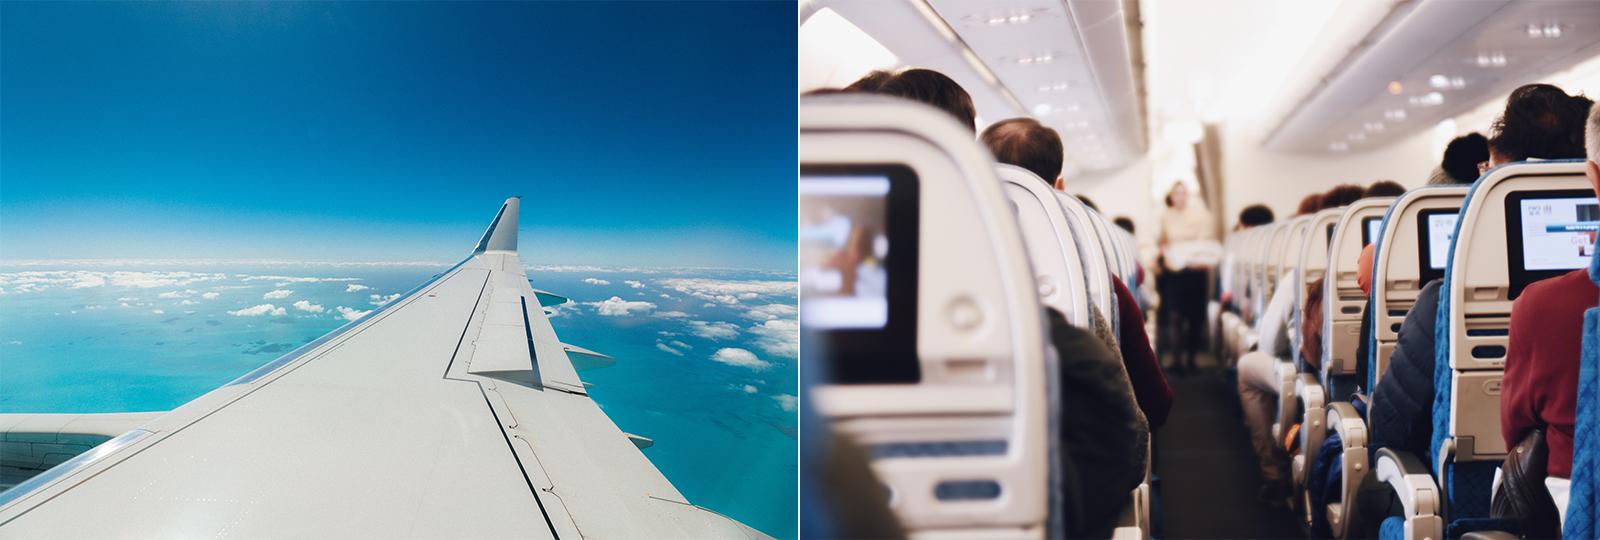 Esta companhia aérea quer começar a levar passageiros em pé